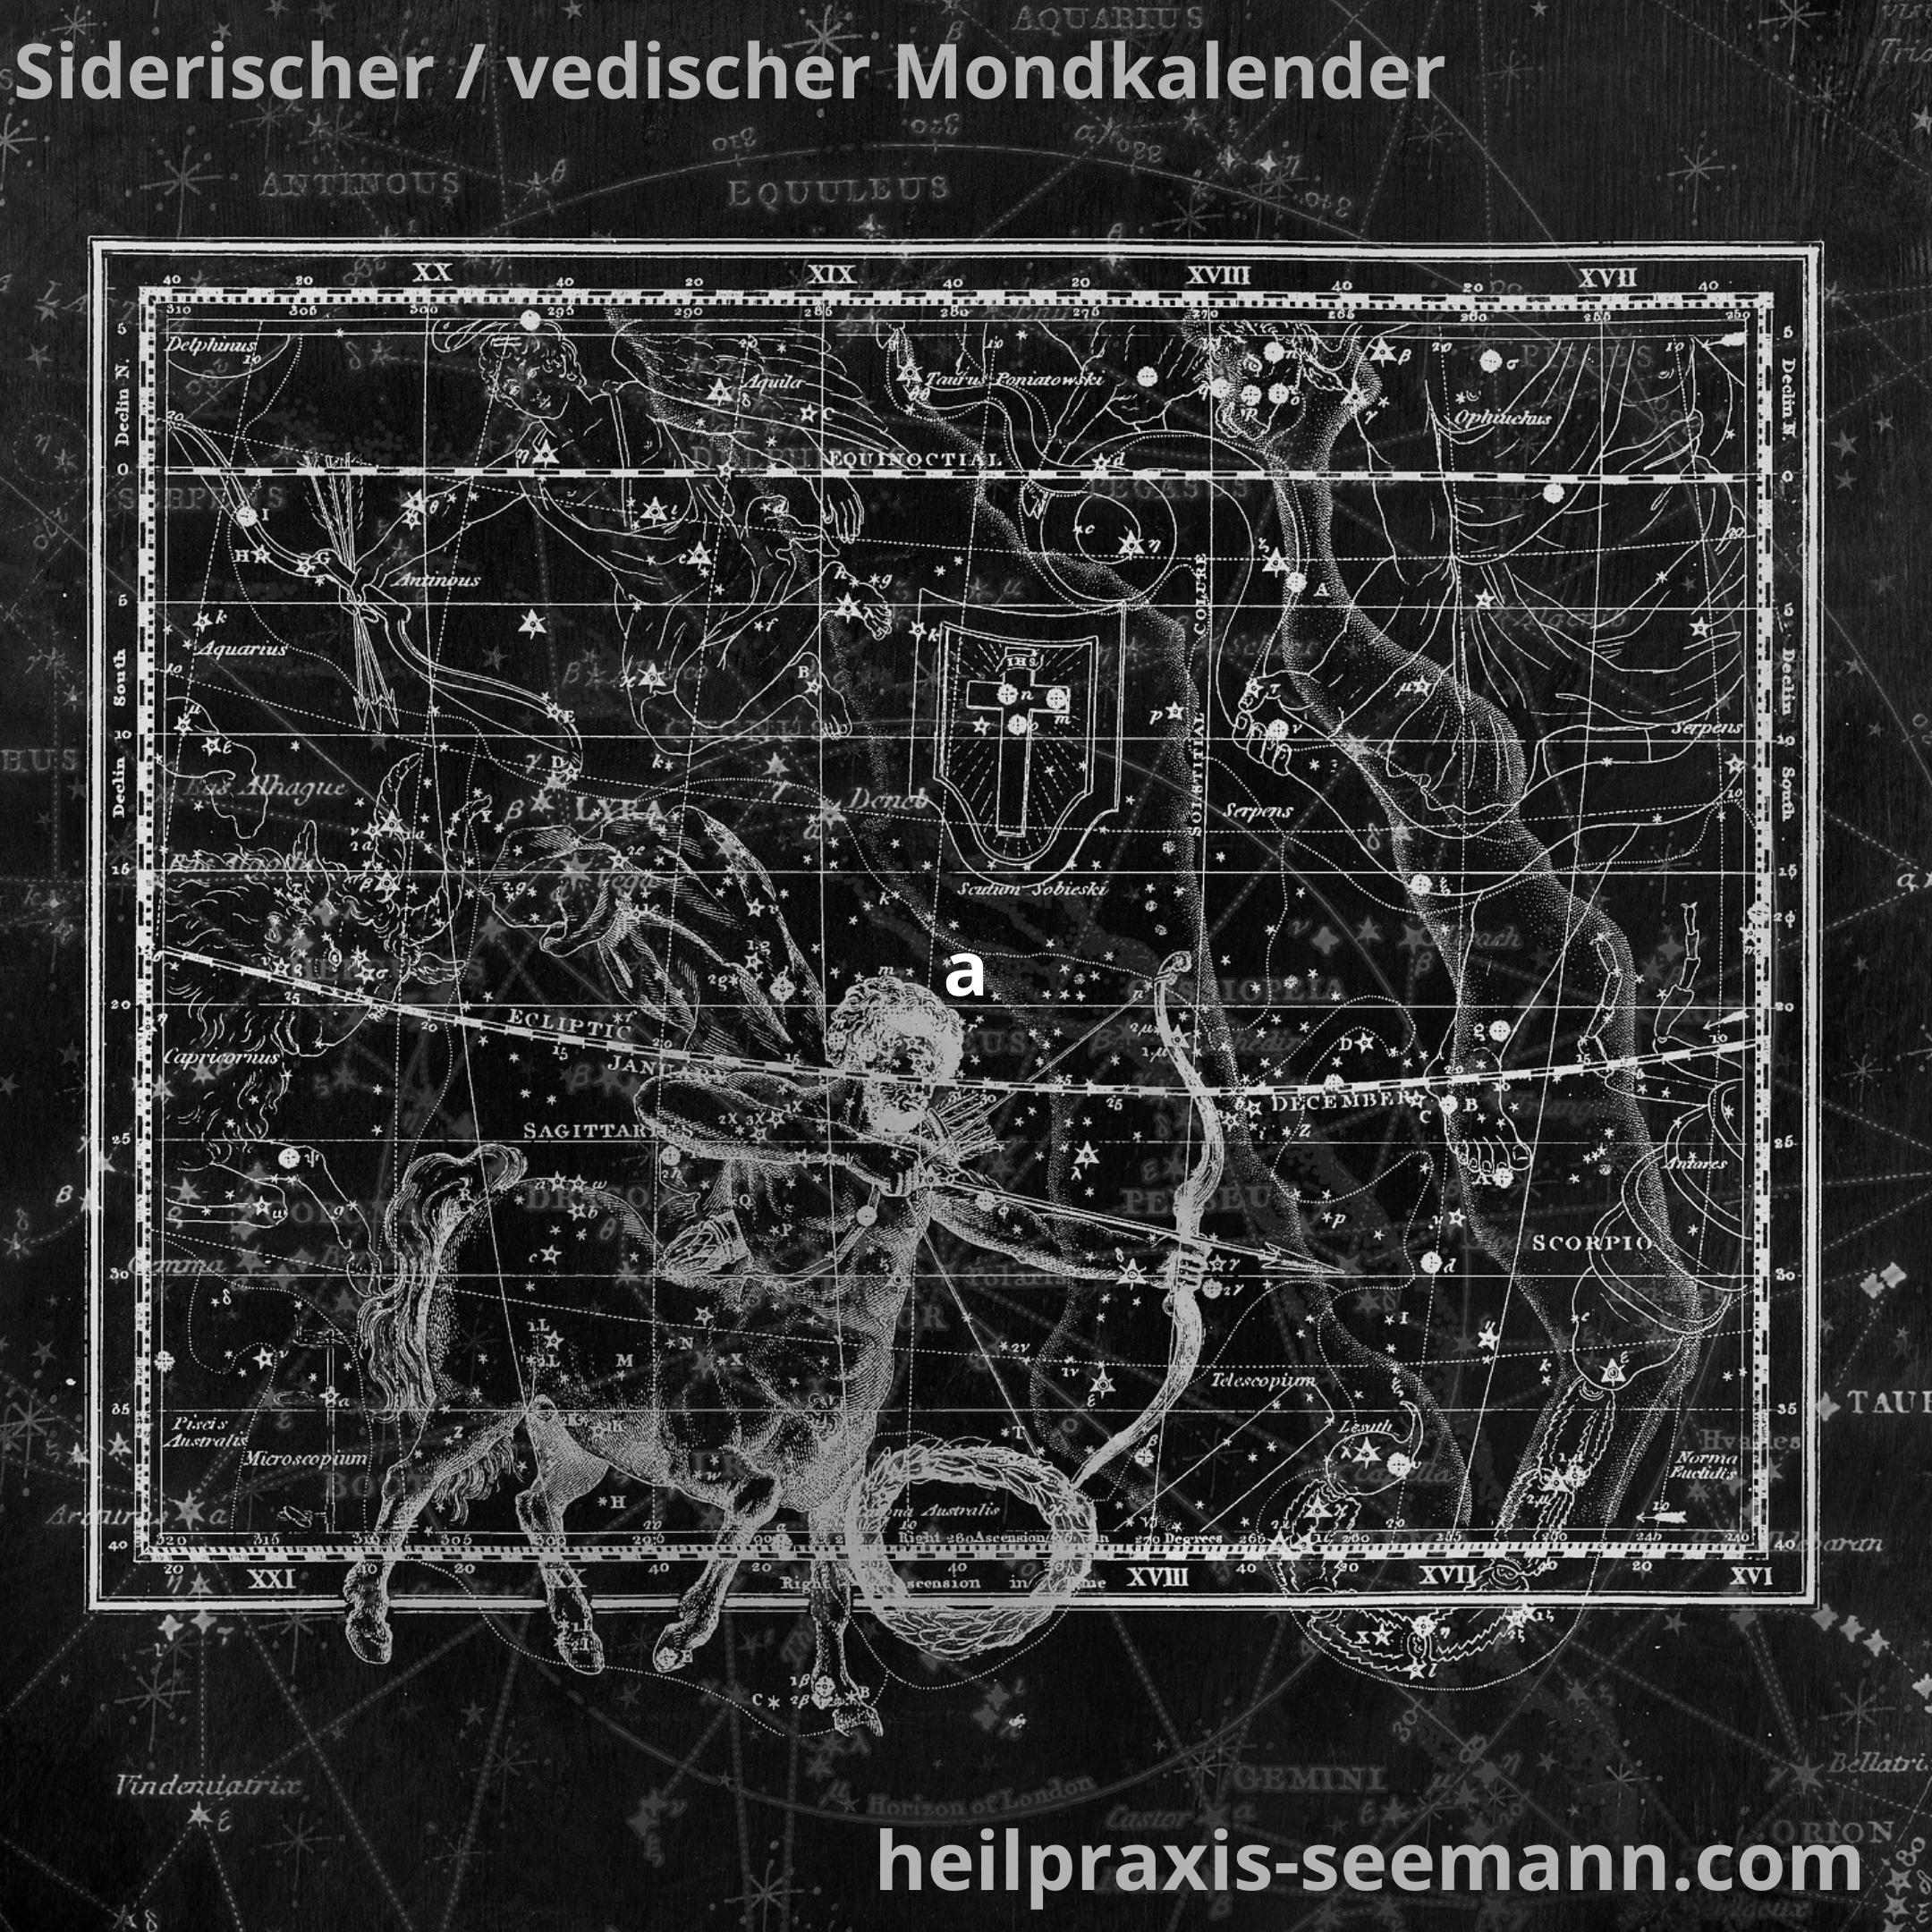 Siderische Mondkalender Skorpion (2)